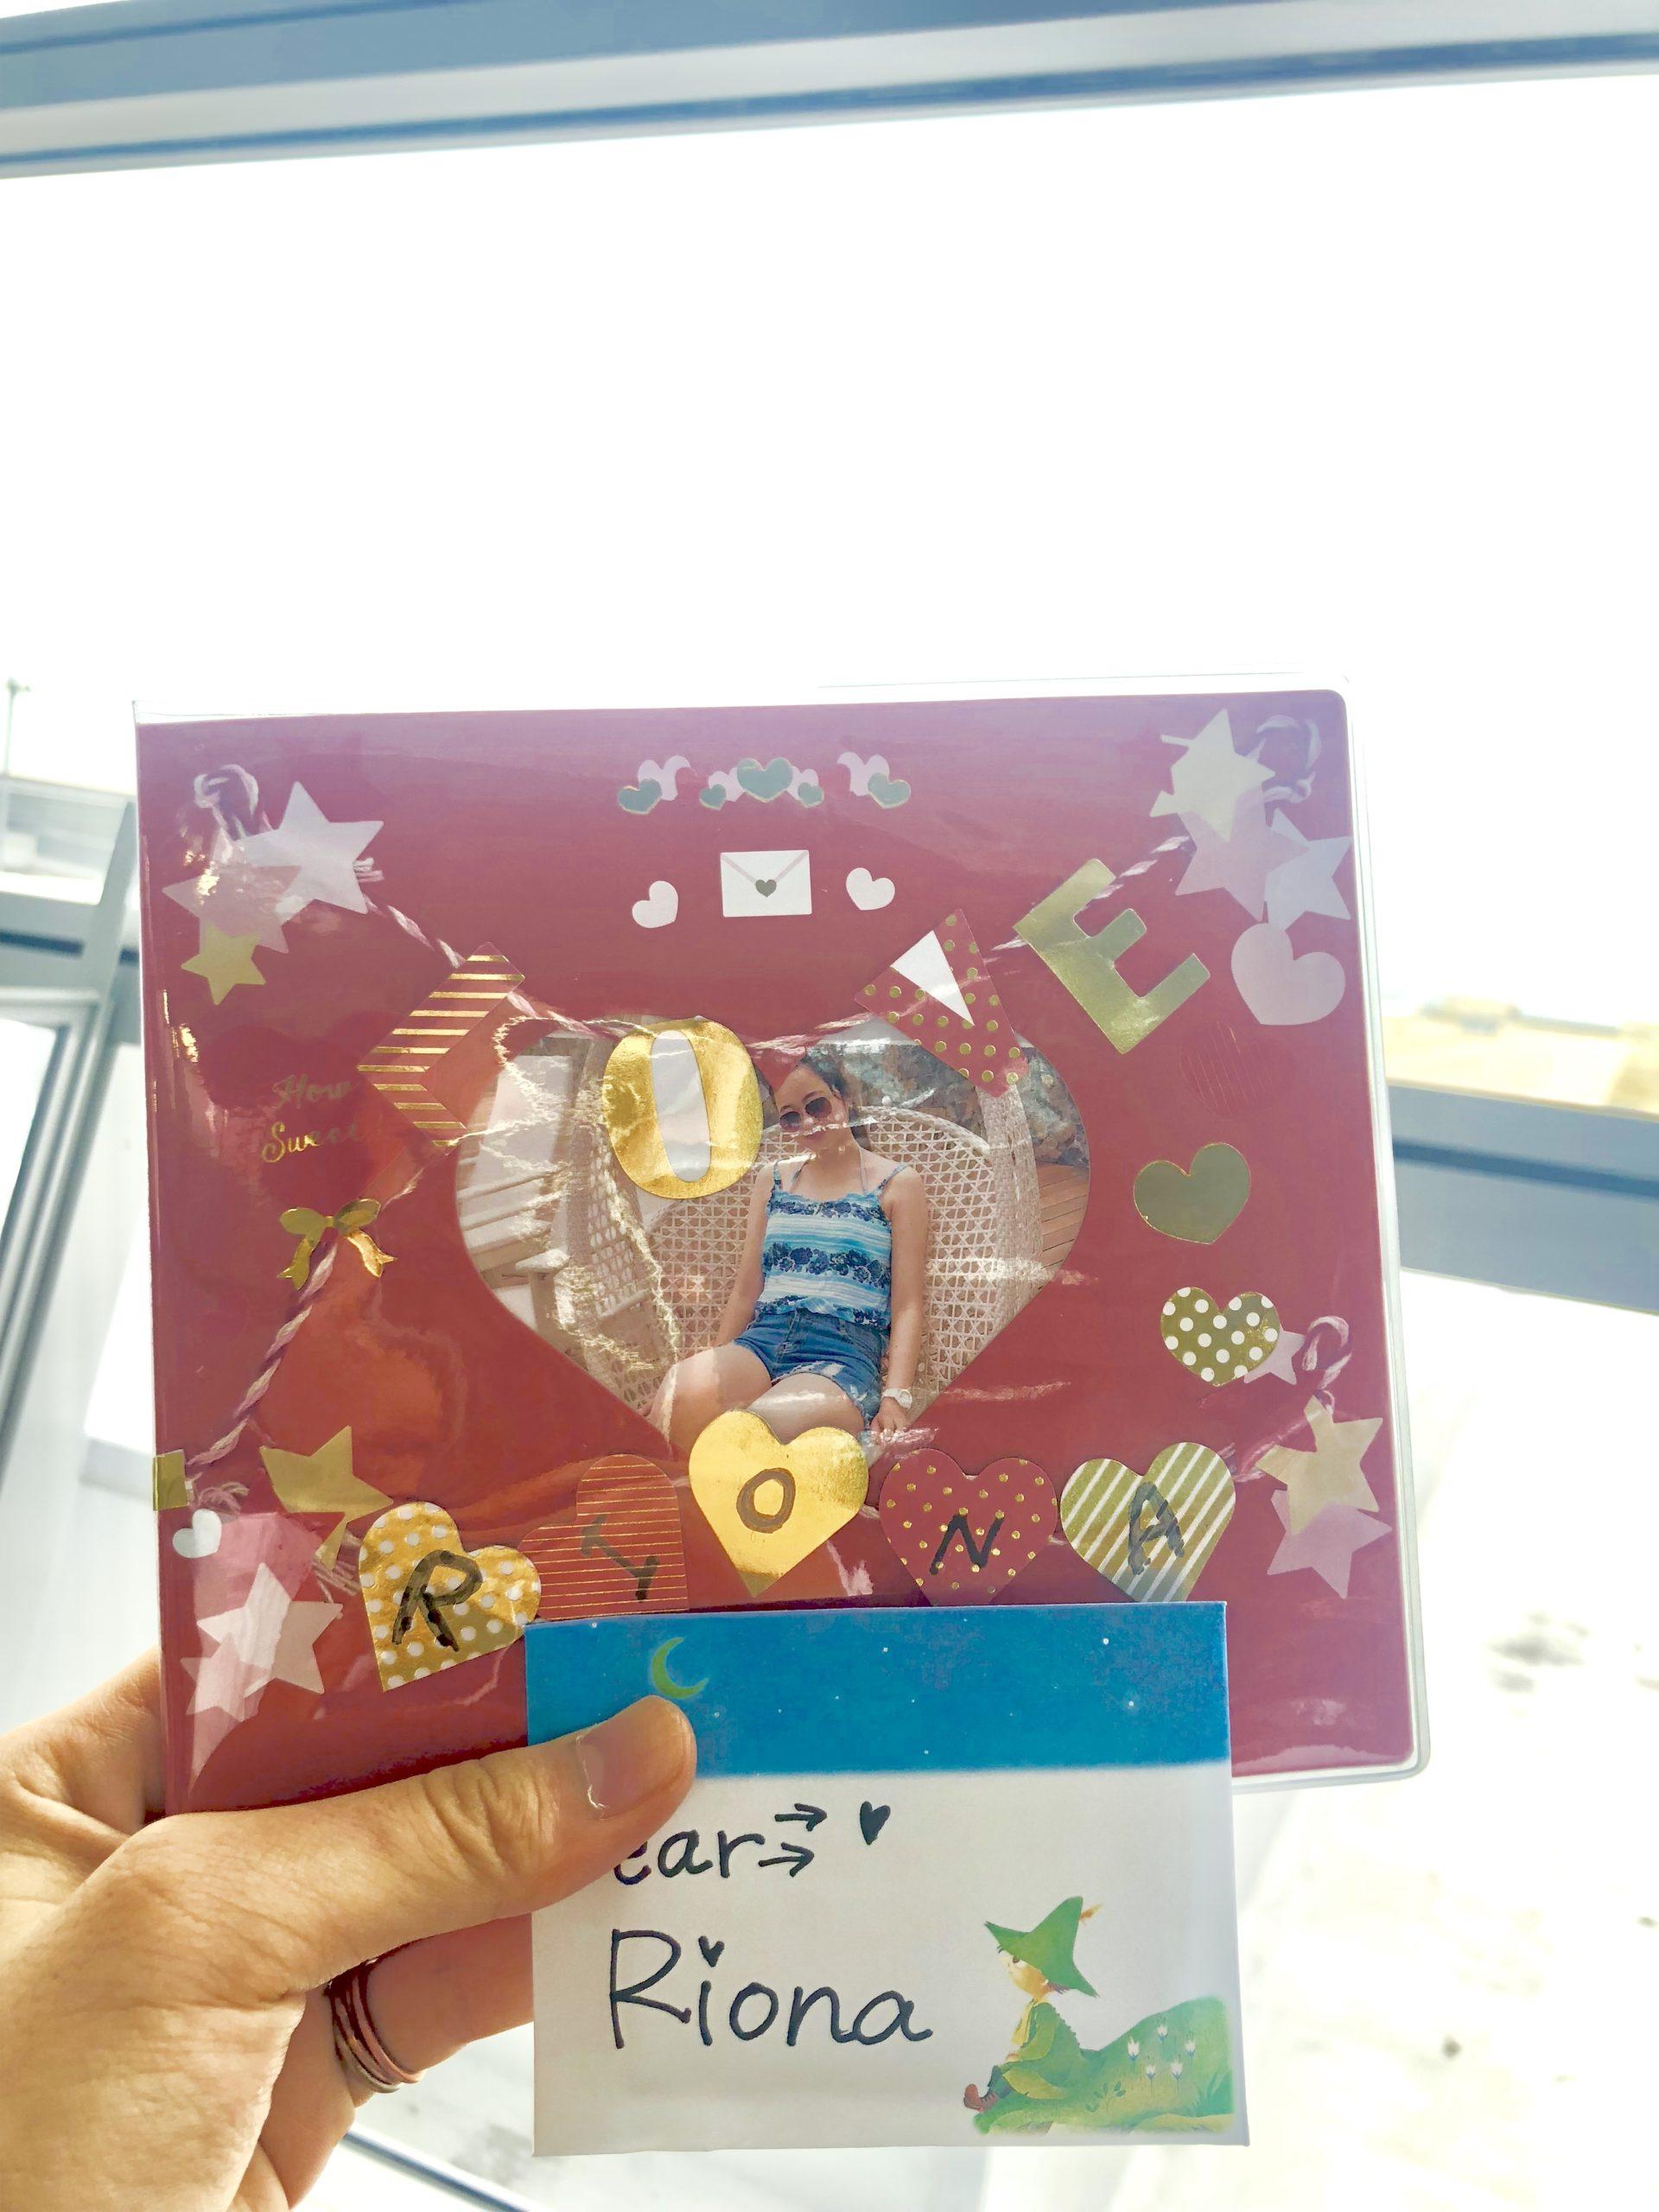 日本を出るときに友達からもらったアルバム